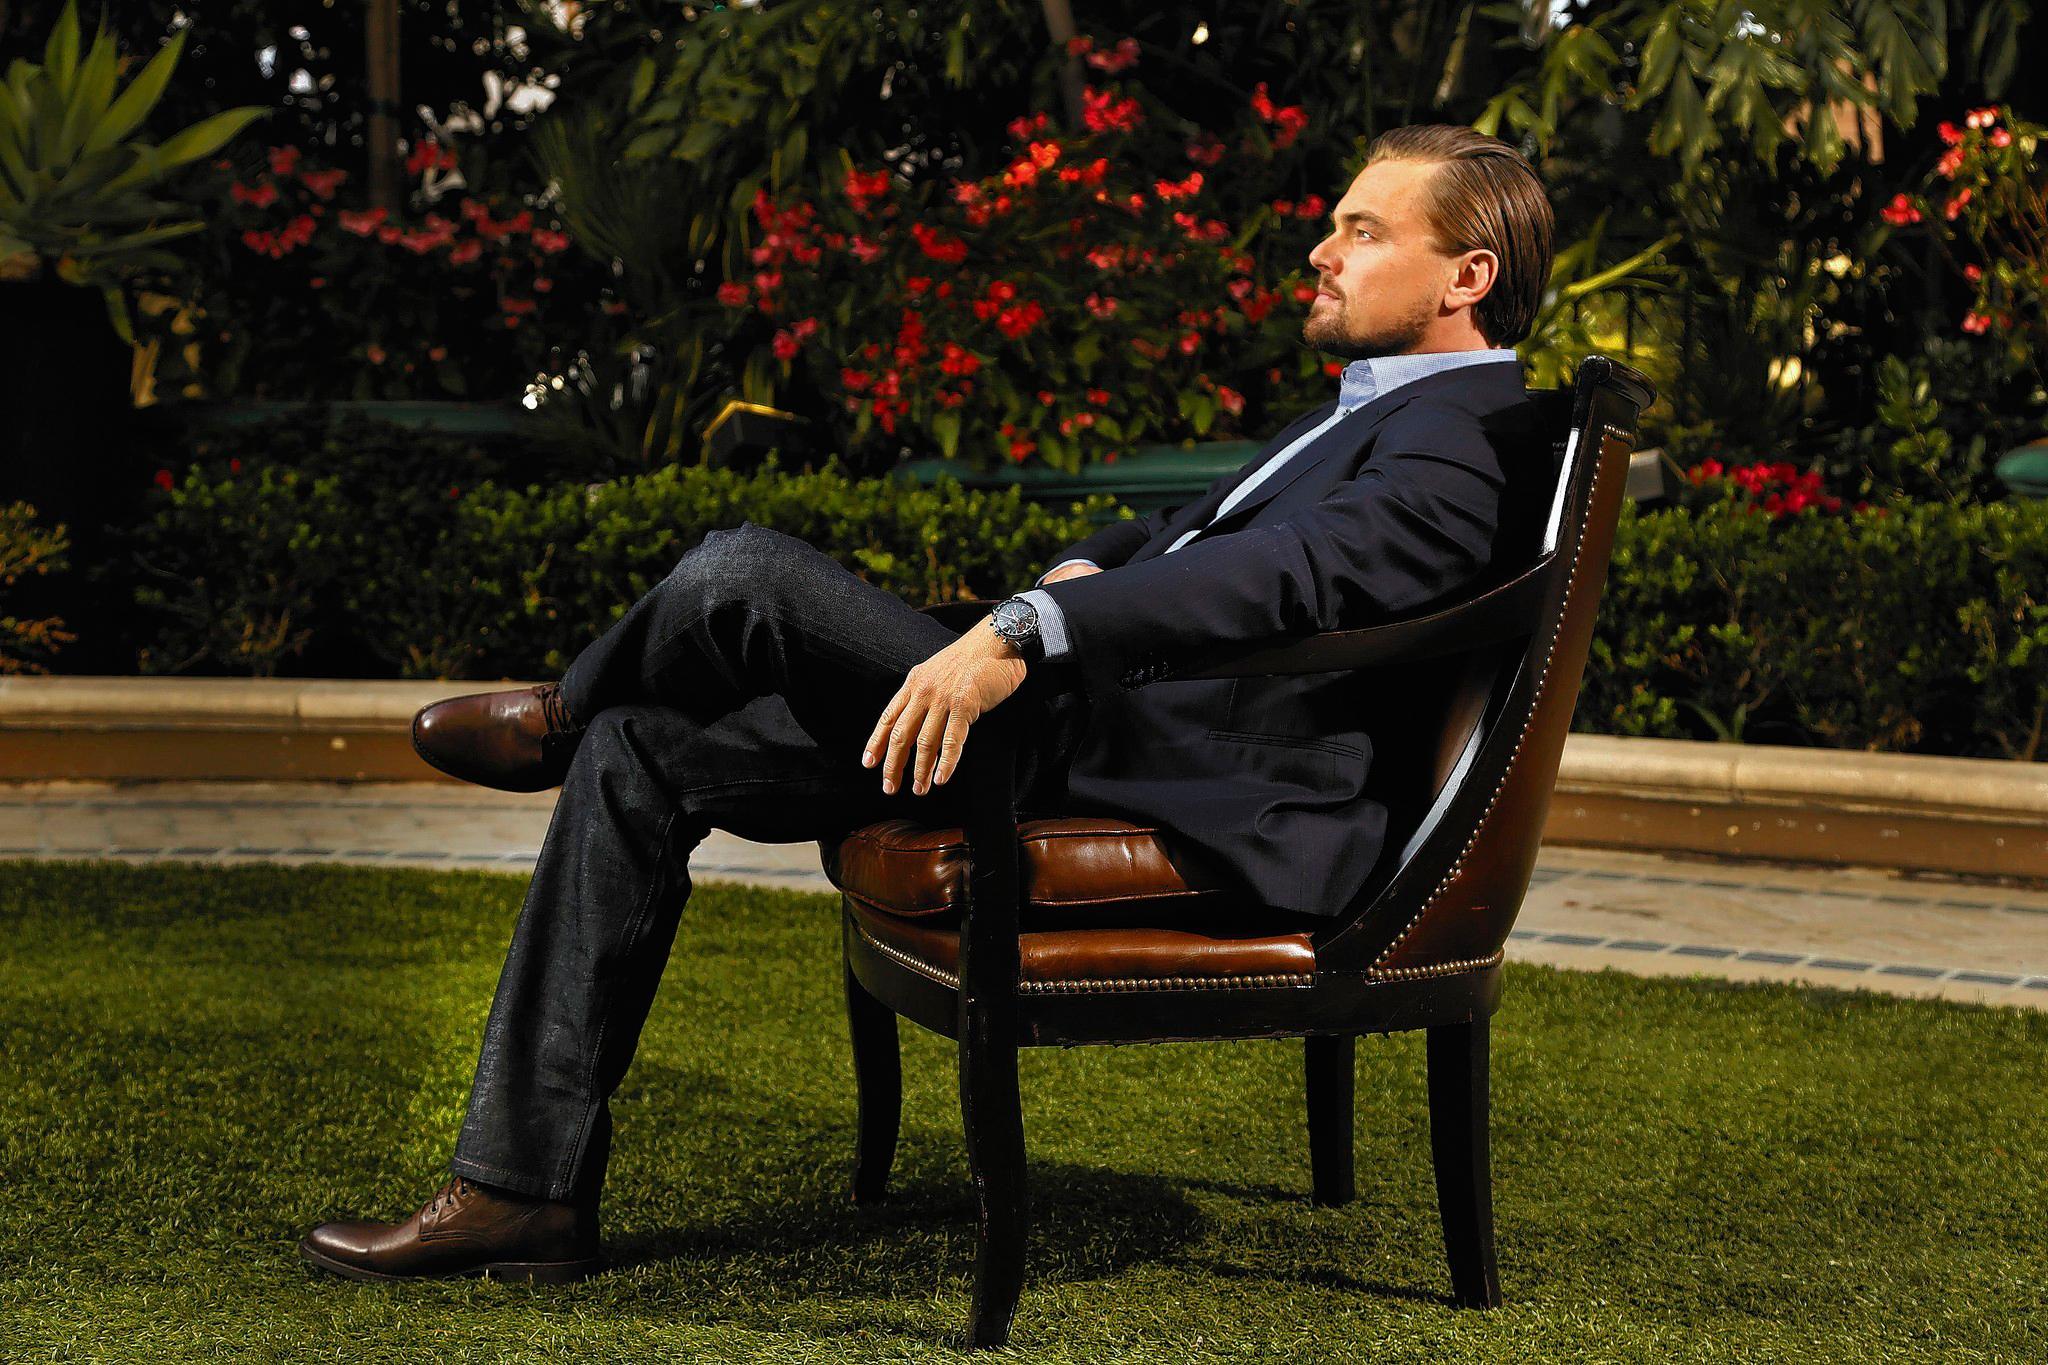 Лицо мужчины как стул для женщины фото — pic 1